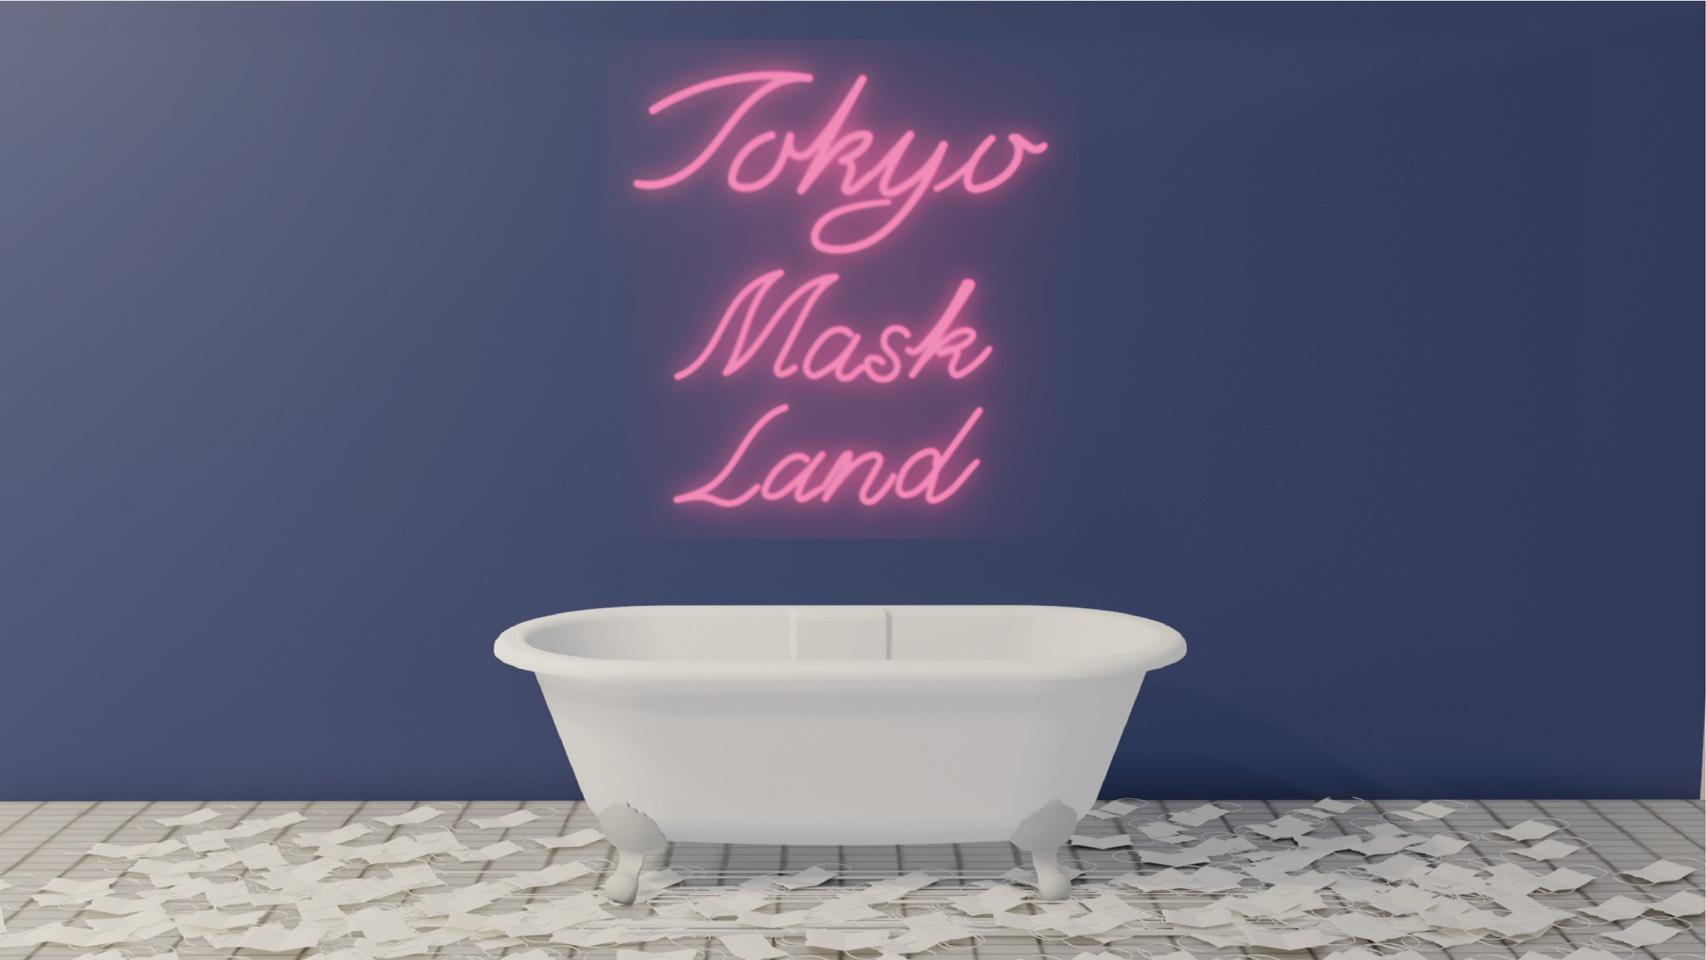 東京マスクランド